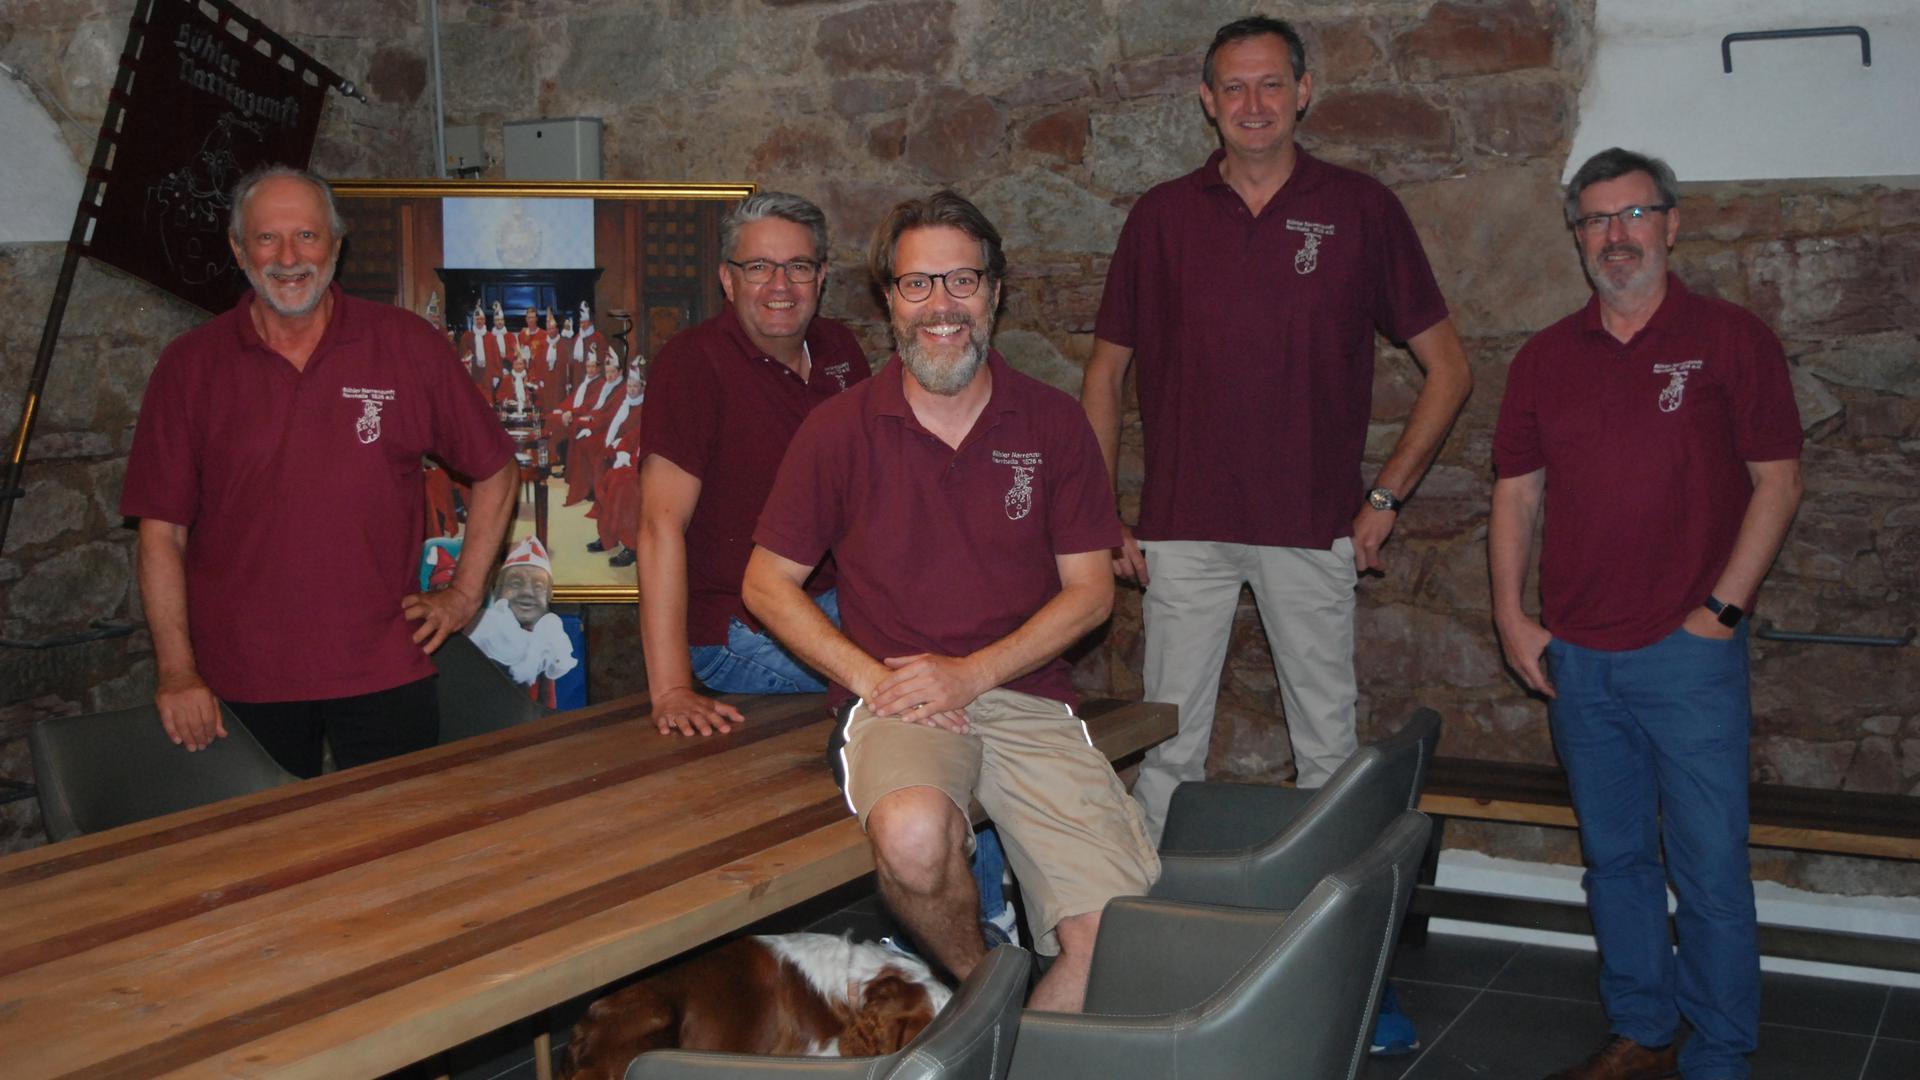 Fünf Männer im identischen T-Shirt